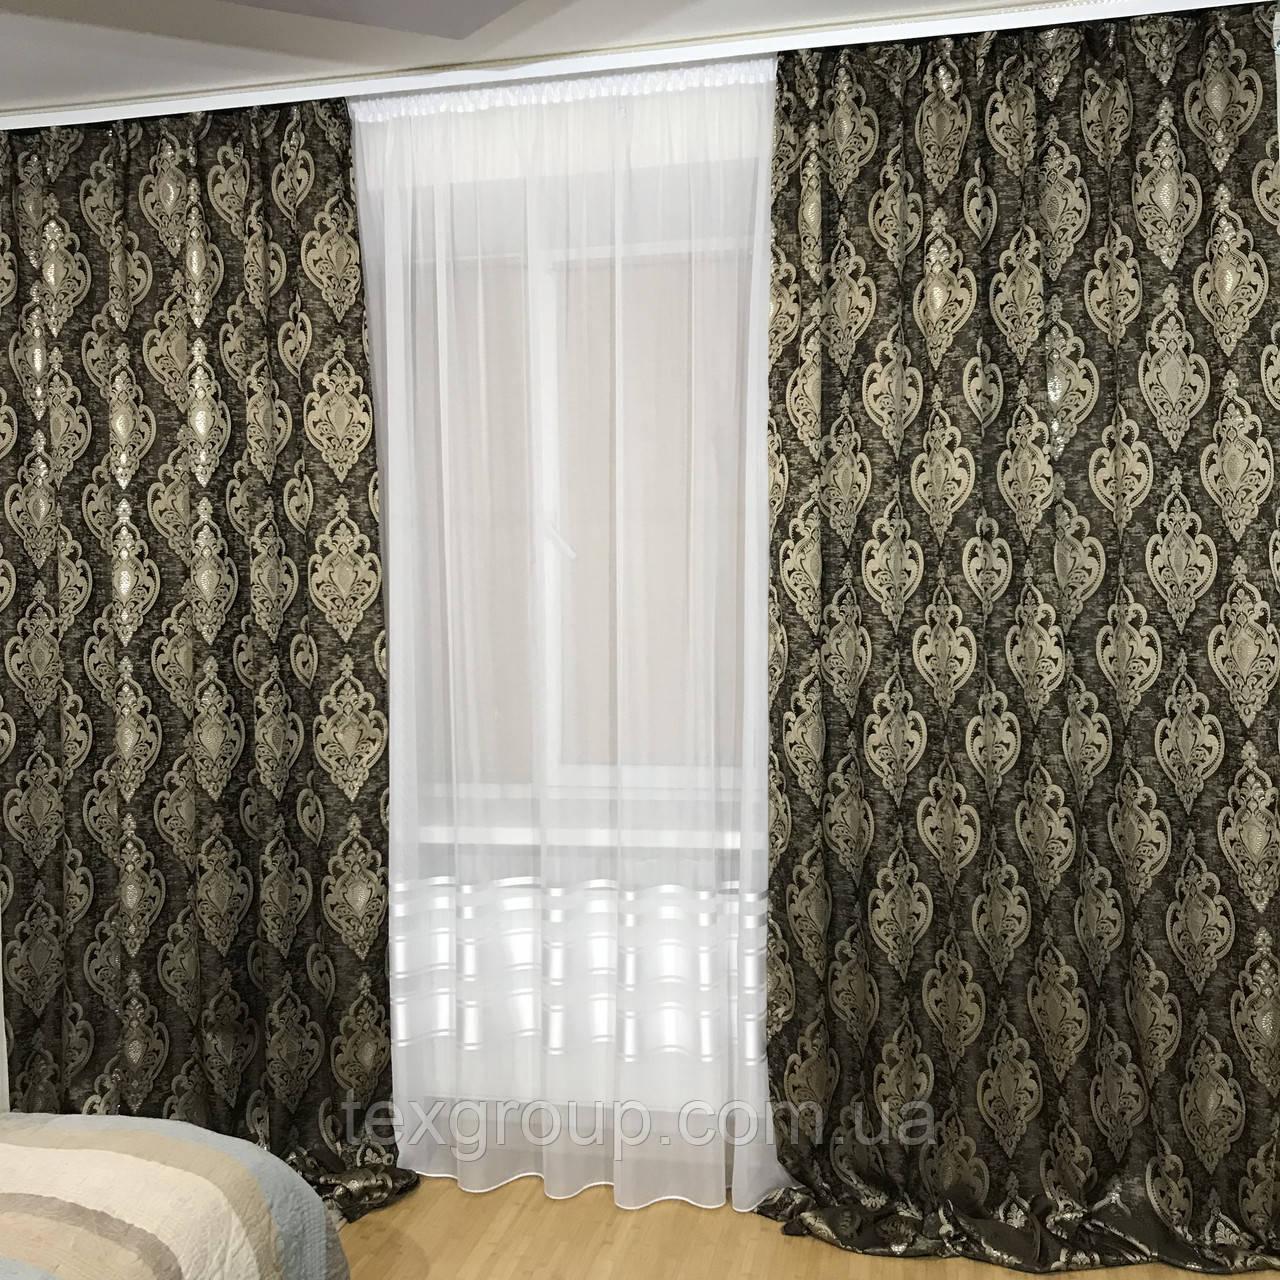 Шикарные готовые шторы №392 из жаккардовой ткани